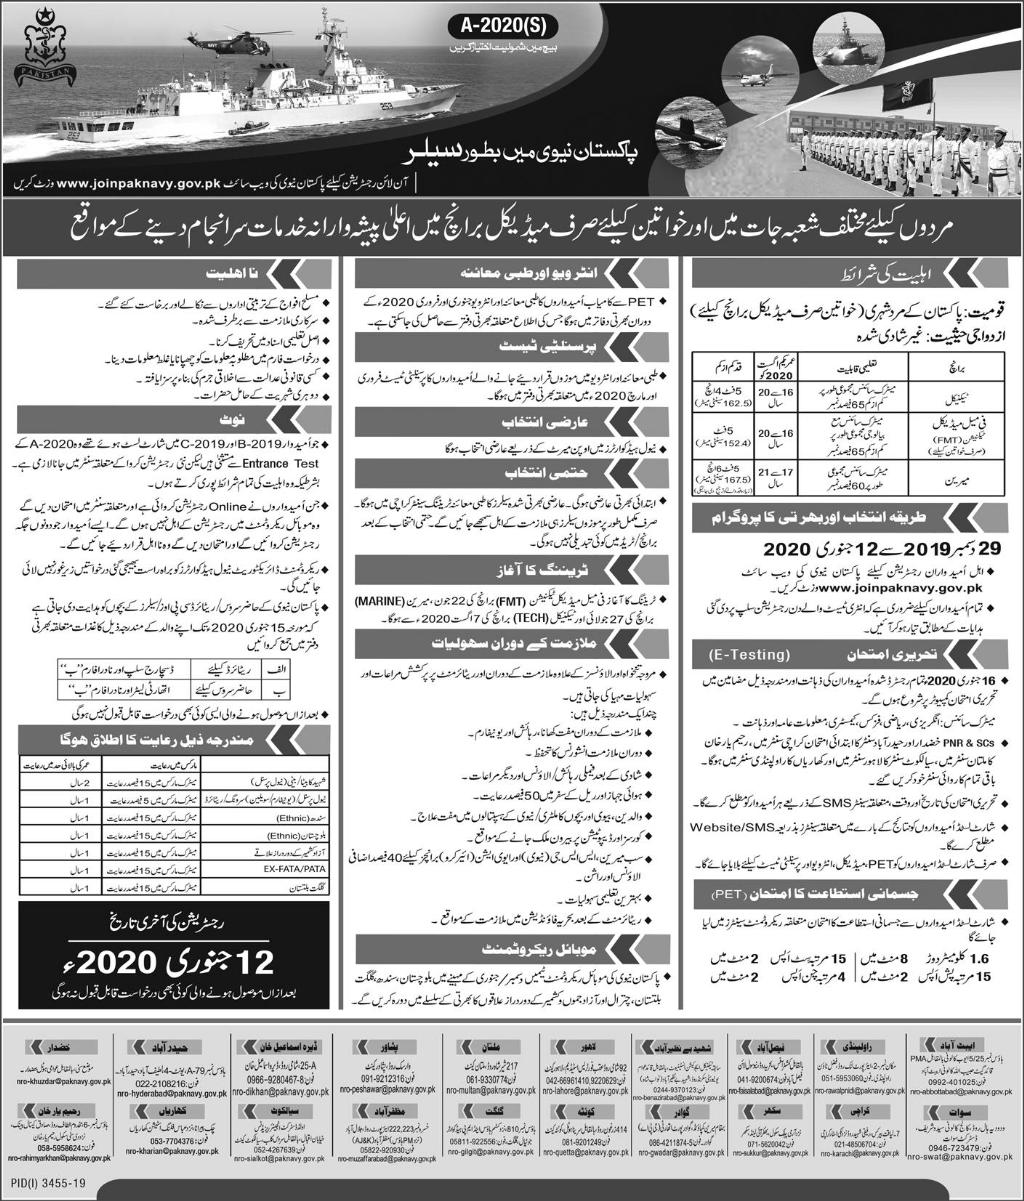 Join Pakistan Navy as Sailor Latest Jobs Advertisement 2020